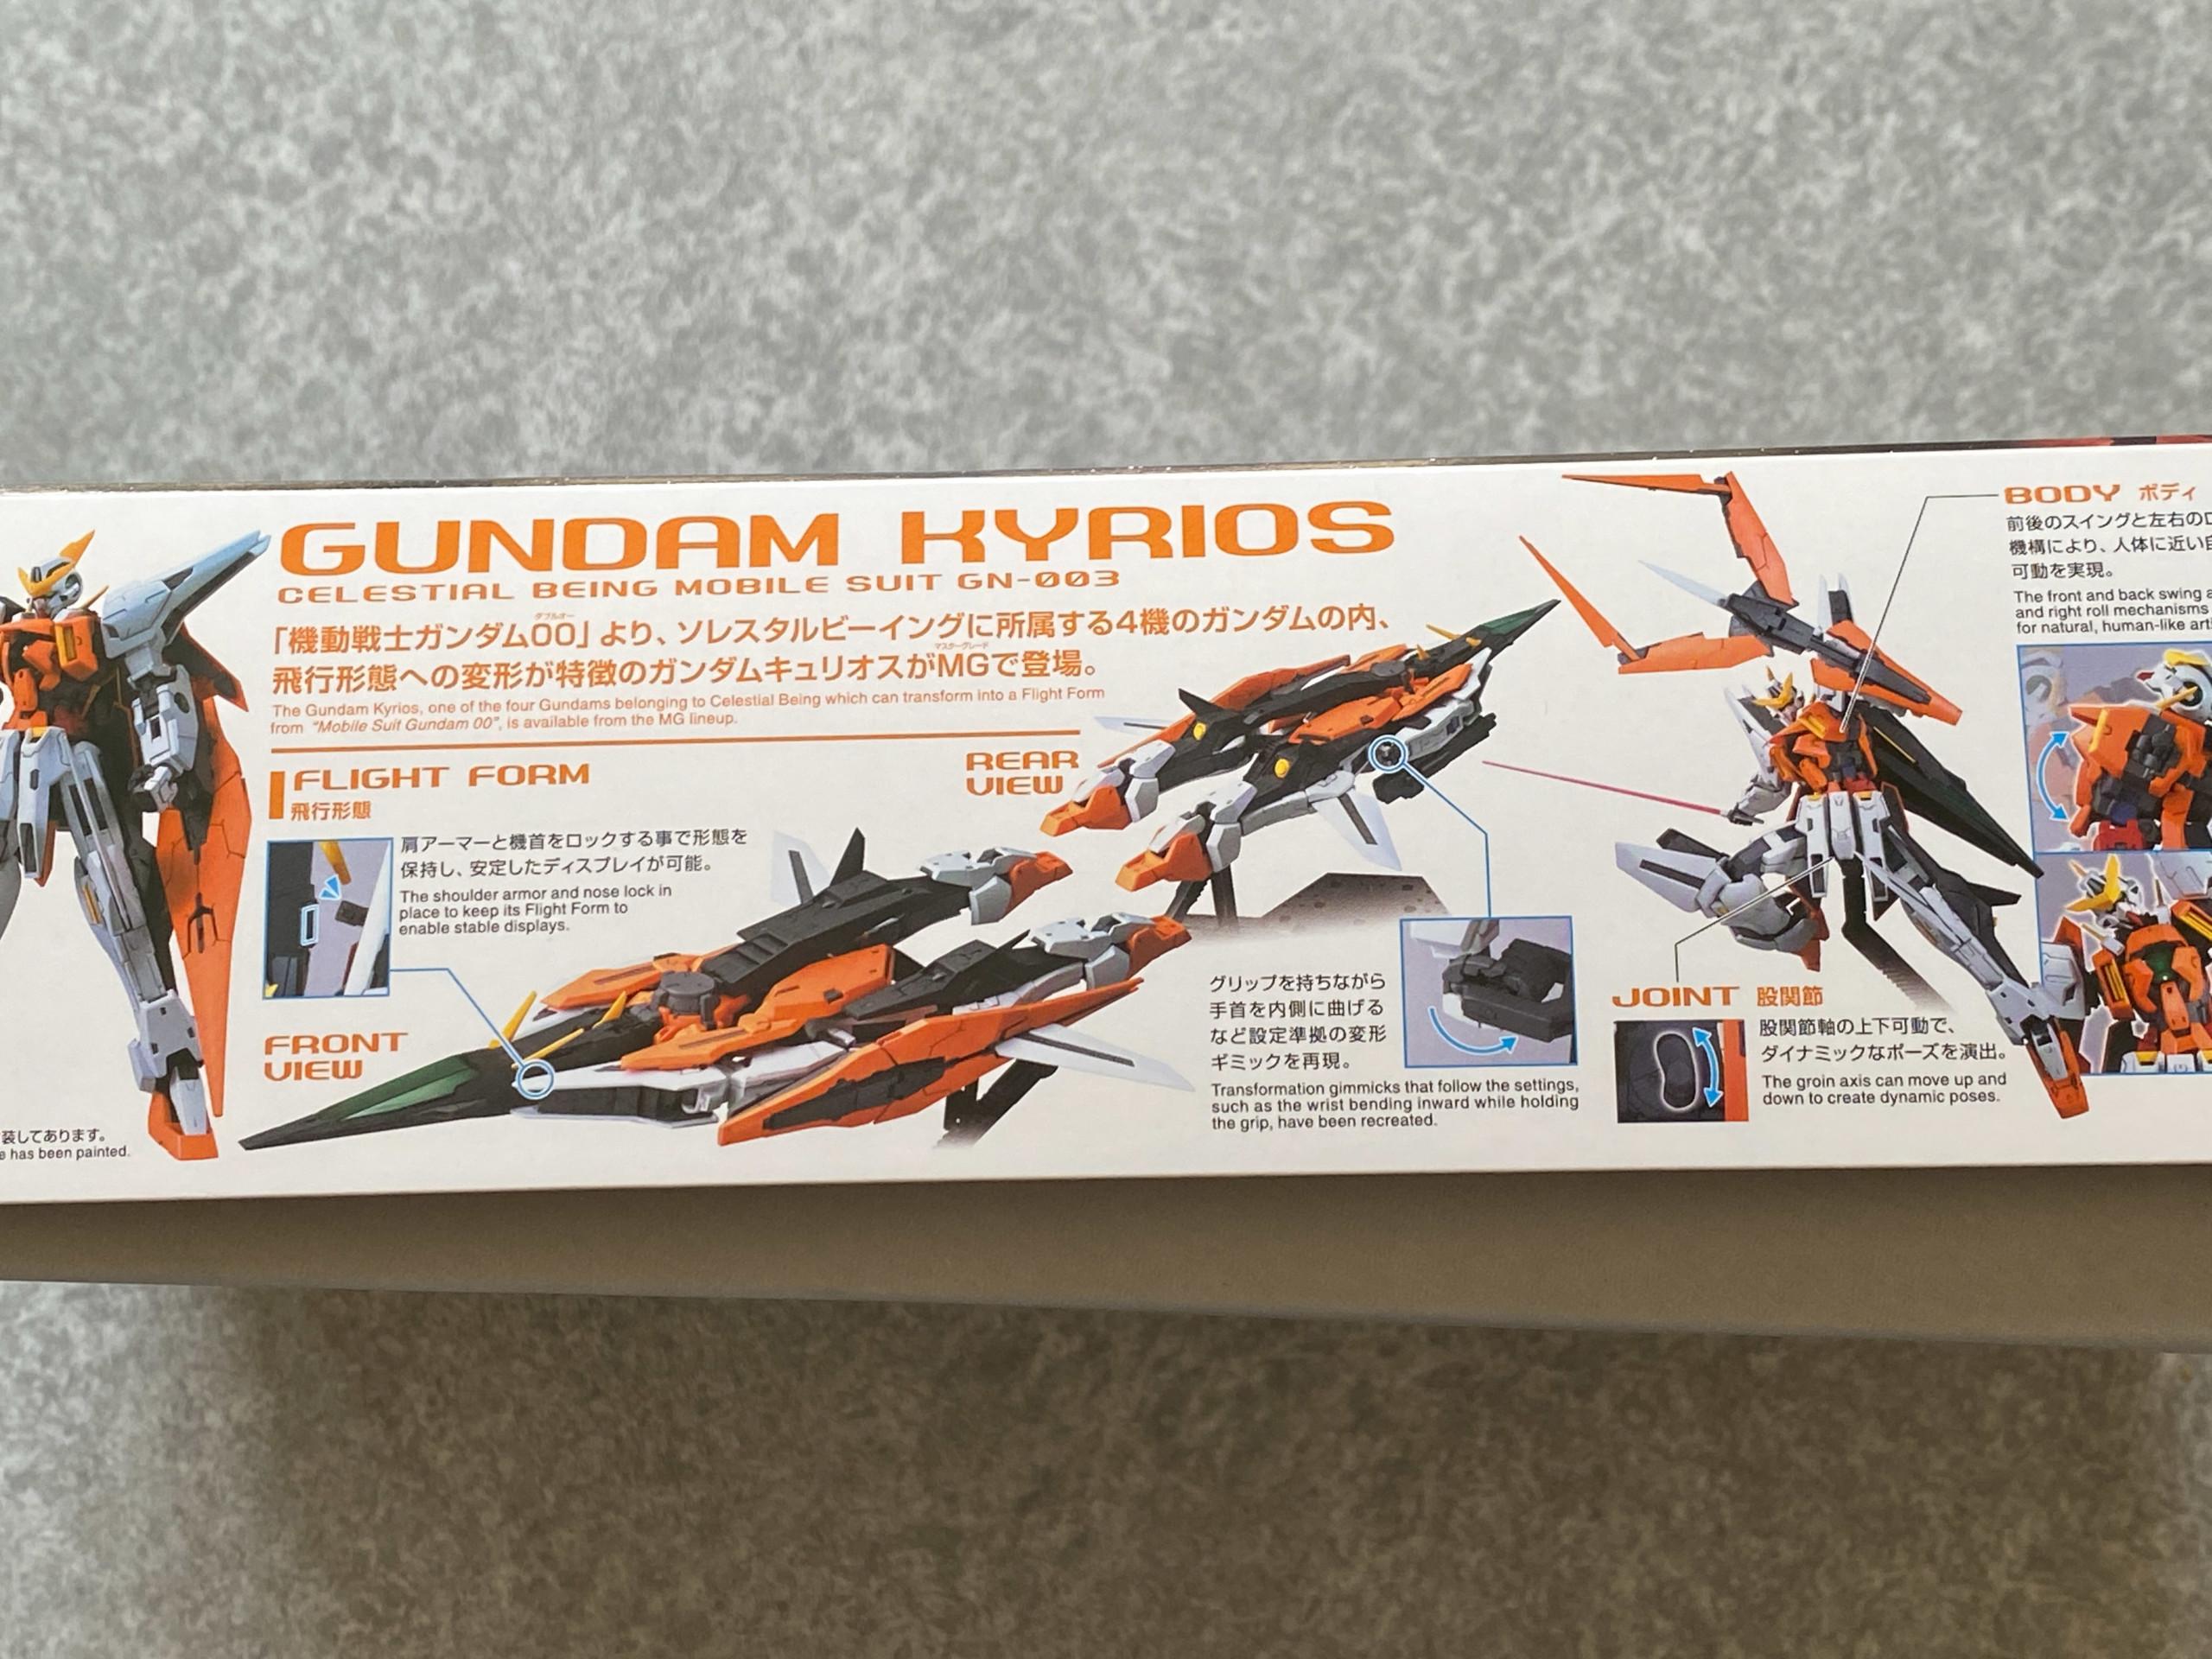 MG Gundam Kyrios